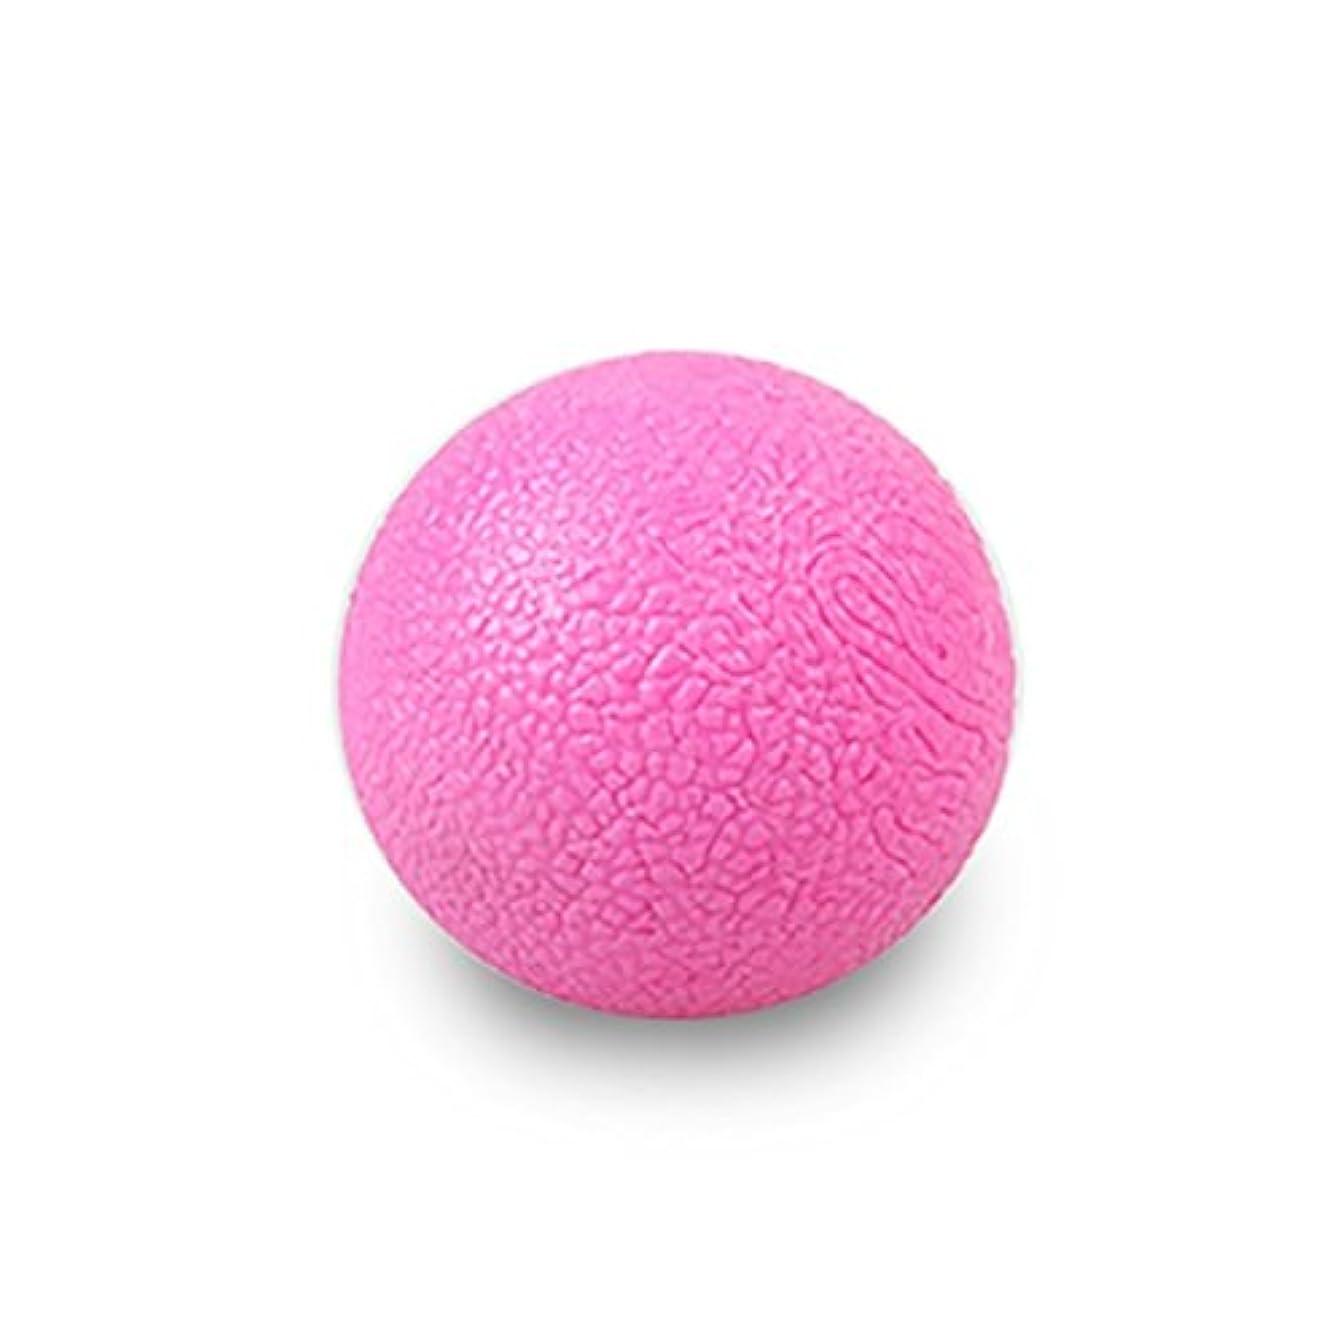 見落とすフォーカス神秘SHAPE&UP UPnShape ピーナッツ マッサージ ボール(1.8インチ)/ストレッチ、ヨガ、フィットネス リハビリテーション腰痛首 (ブルー)